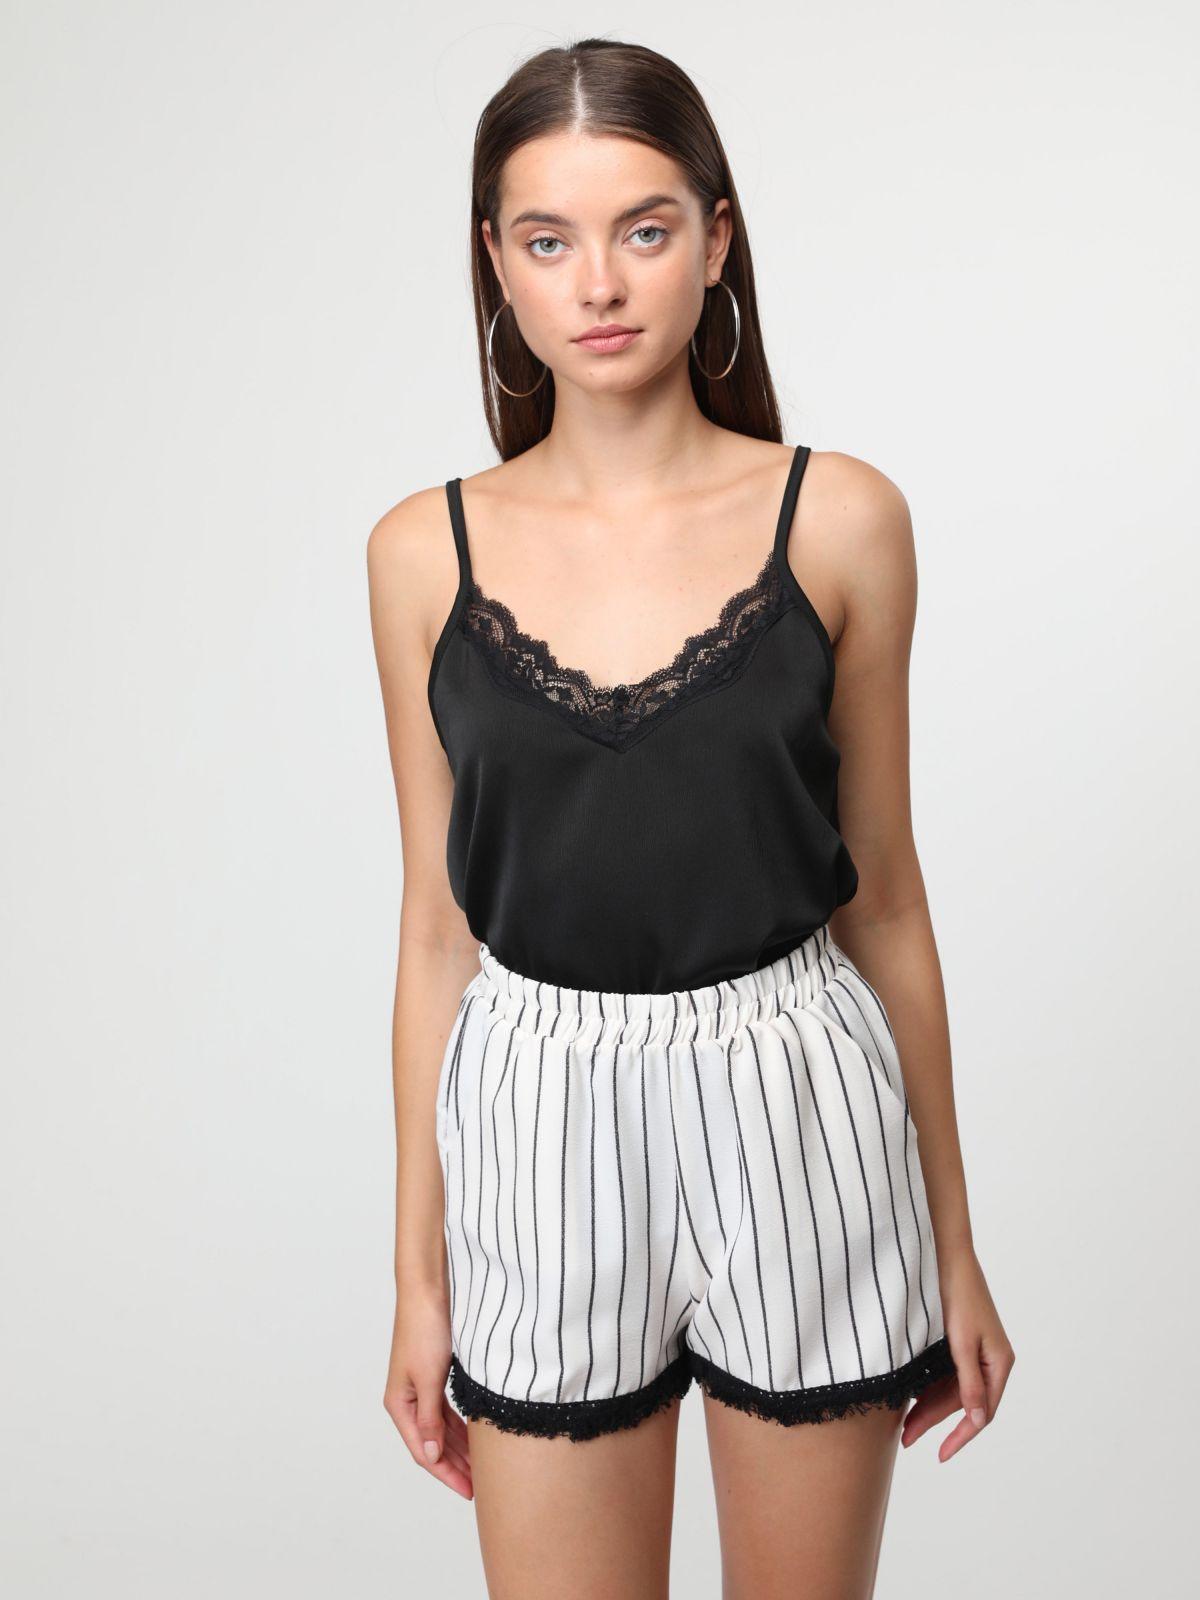 מכנסיים קצרים בהדפס פסים עם סיומת פרומה בצבעמכנסיים קצרים בהדפס פסים עם סיומת פרומה בצבע של YANGA